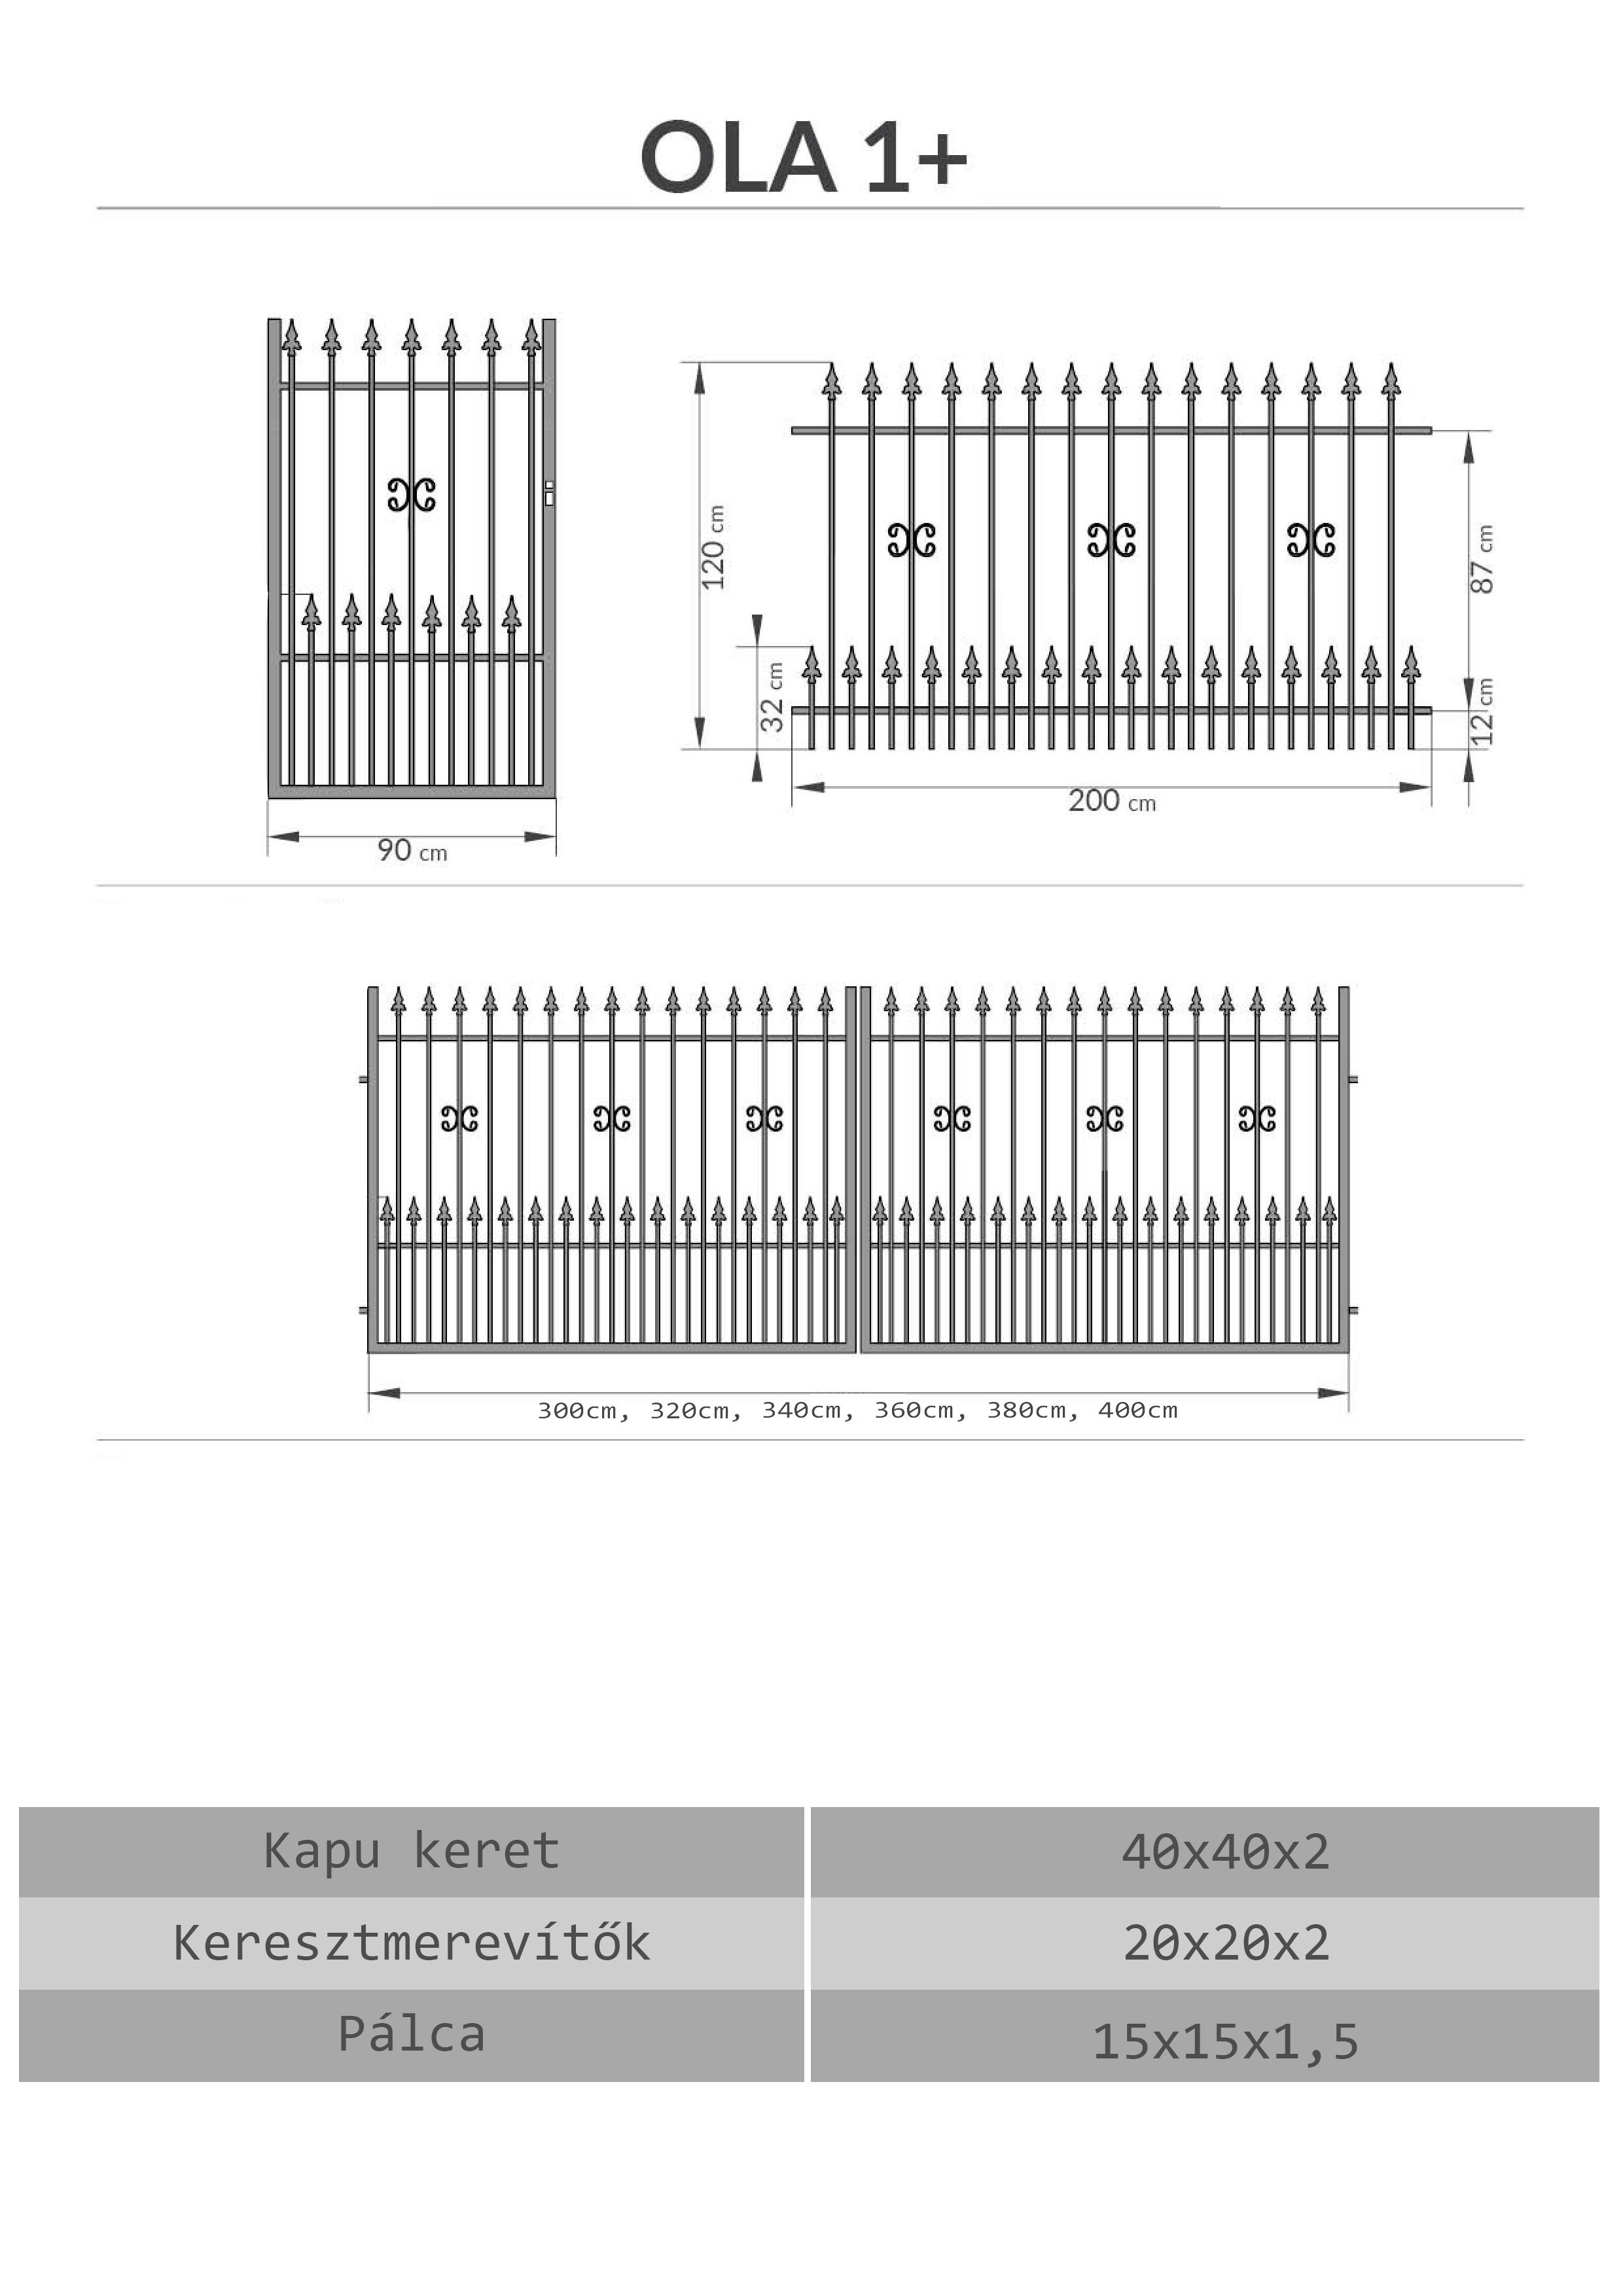 Kovácsoltvas kapu, kerítés árak, Szombathely, Vas megye